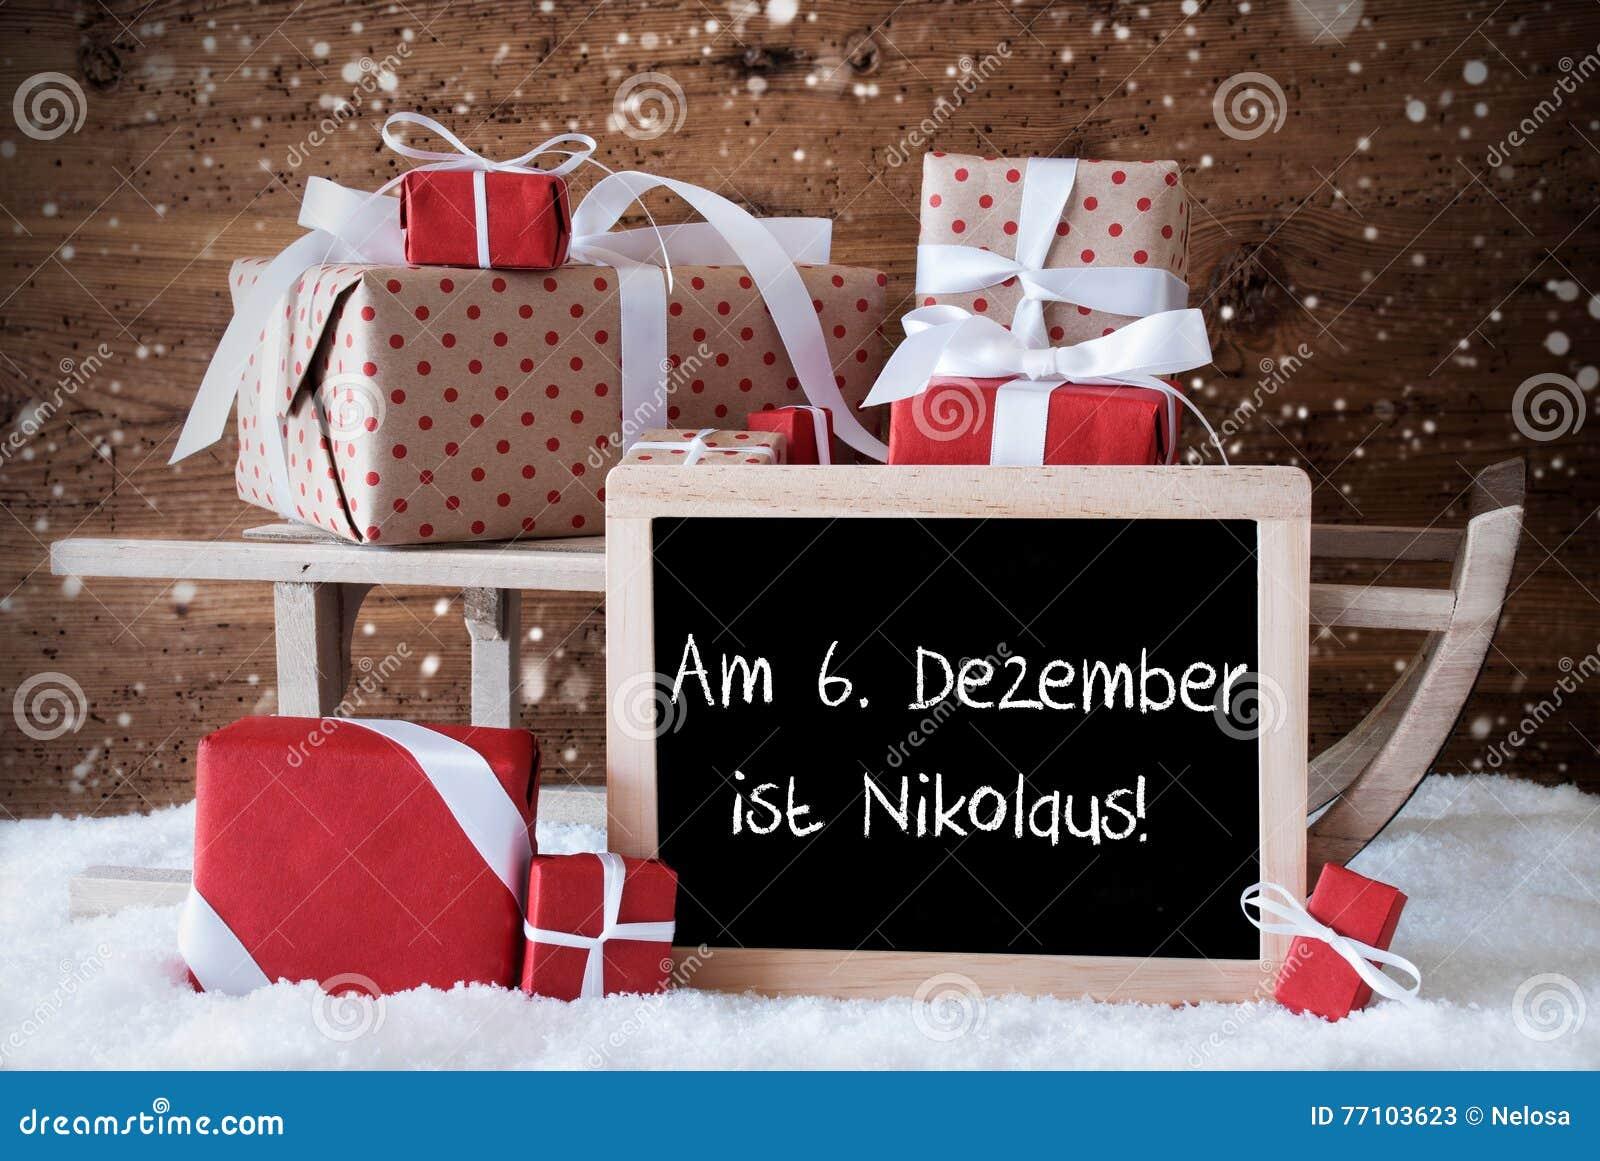 Pferdeschlitten Mit Geschenken Schnee Schneeflocken Nikolaus